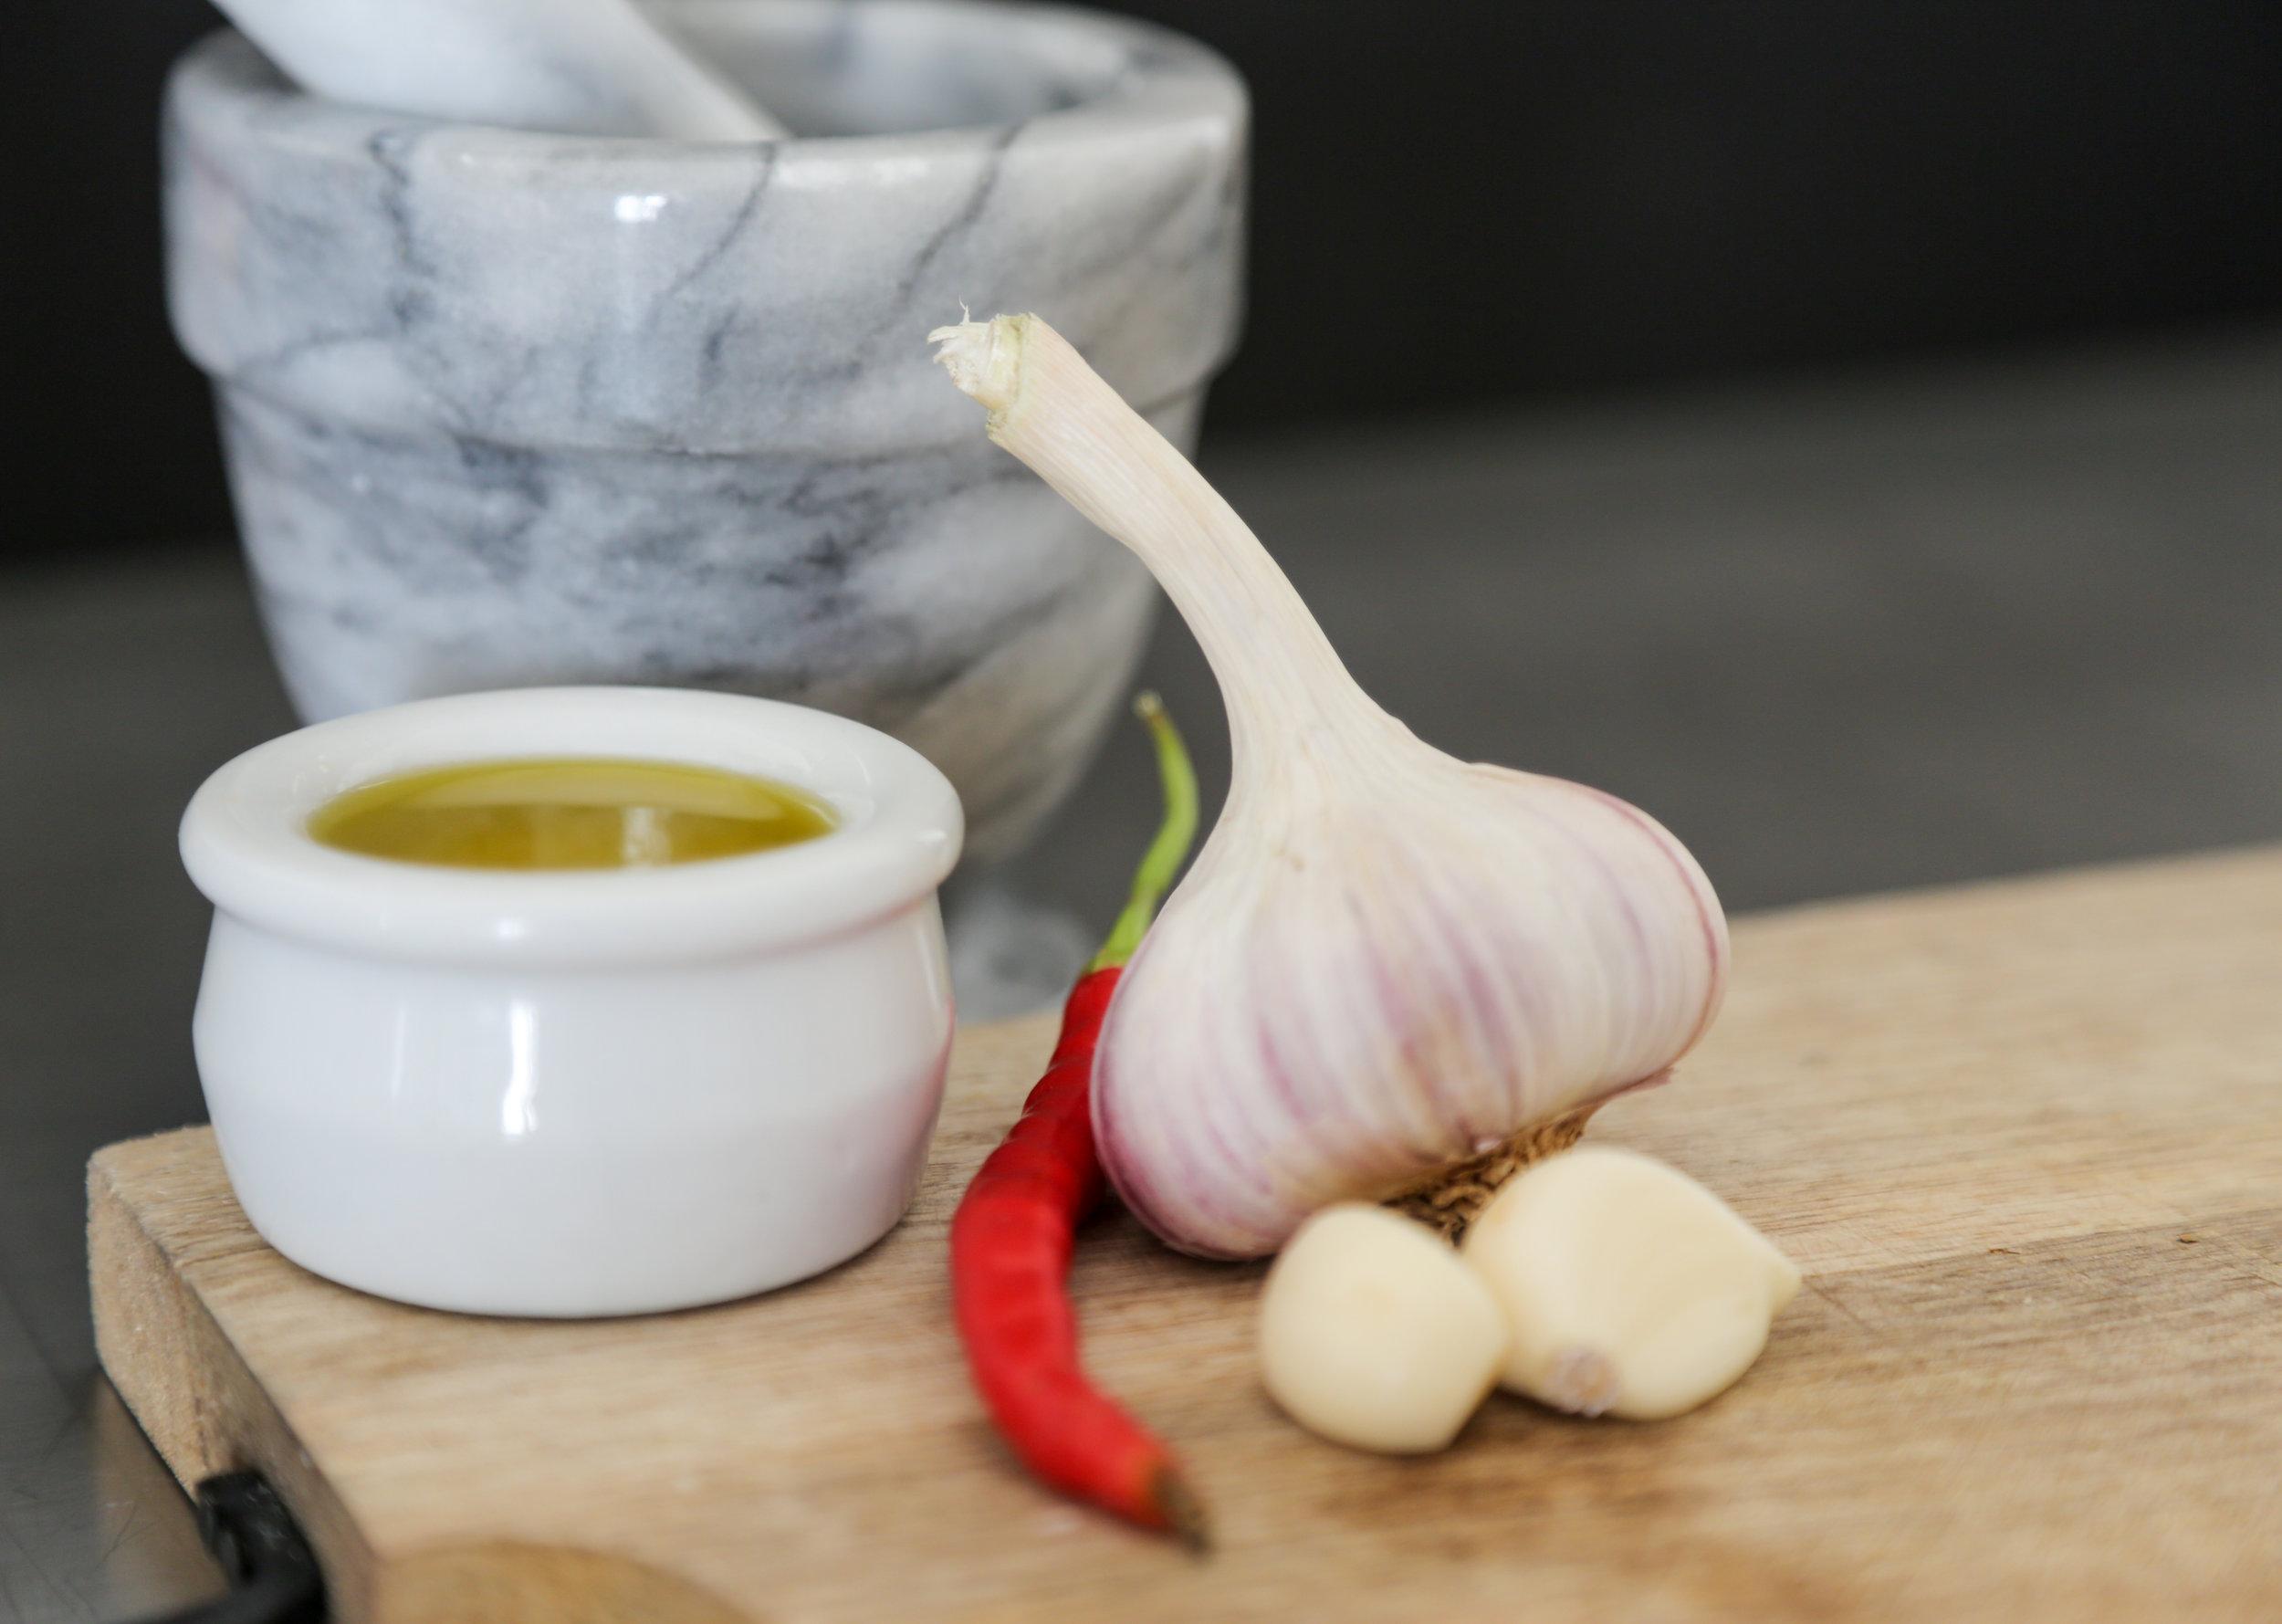 Oil garlic pepper.jpg